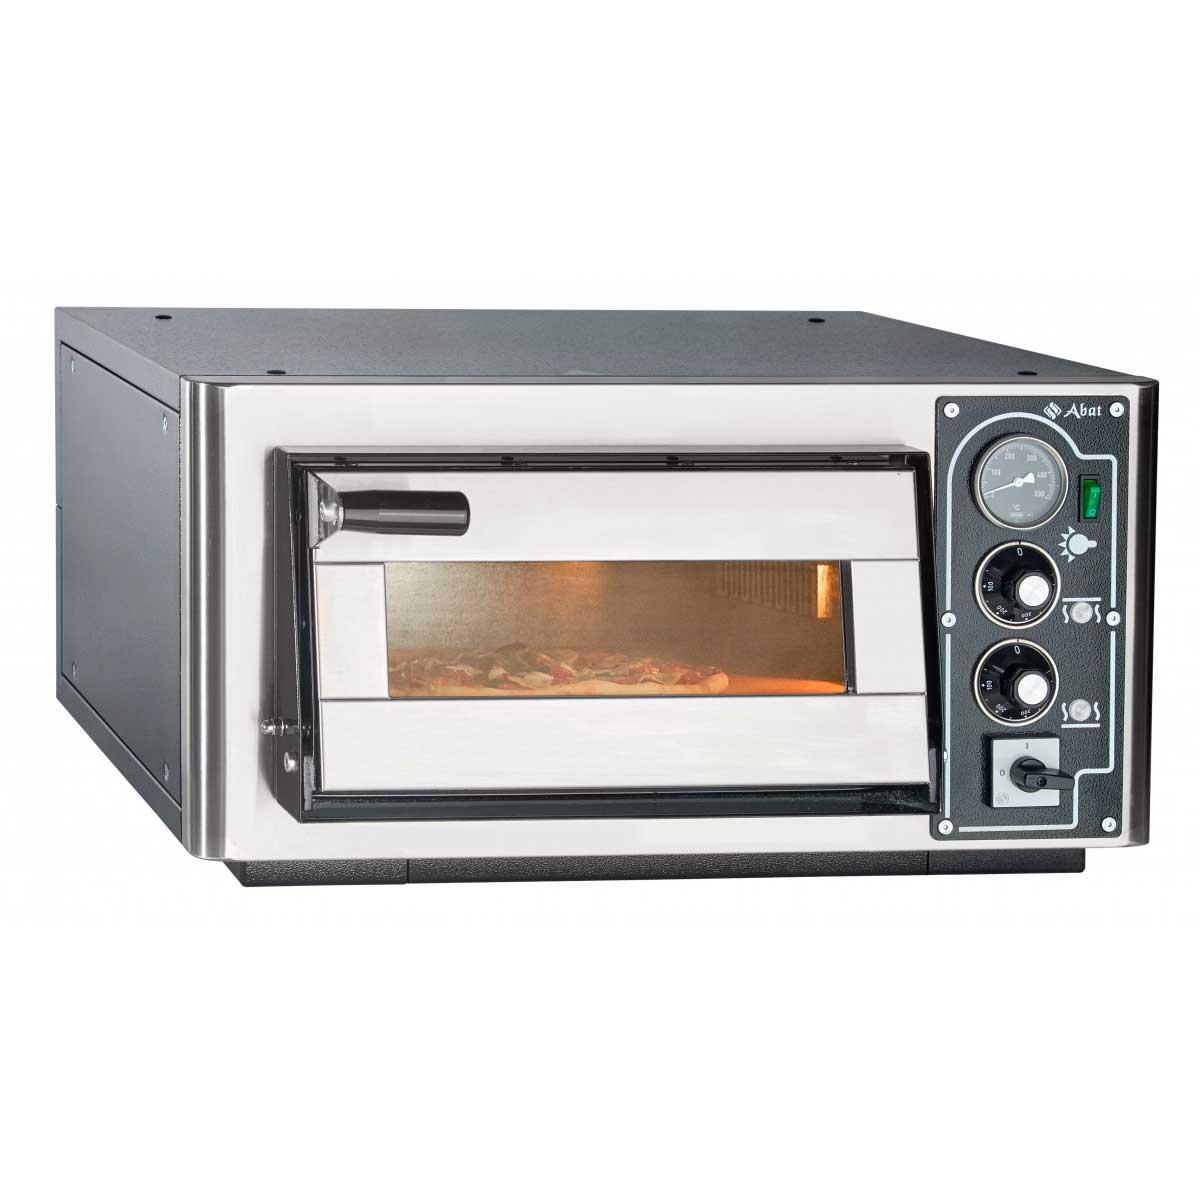 Новинка: подовая печь для пиццы ПЭП-1 торговой марки «Abat»